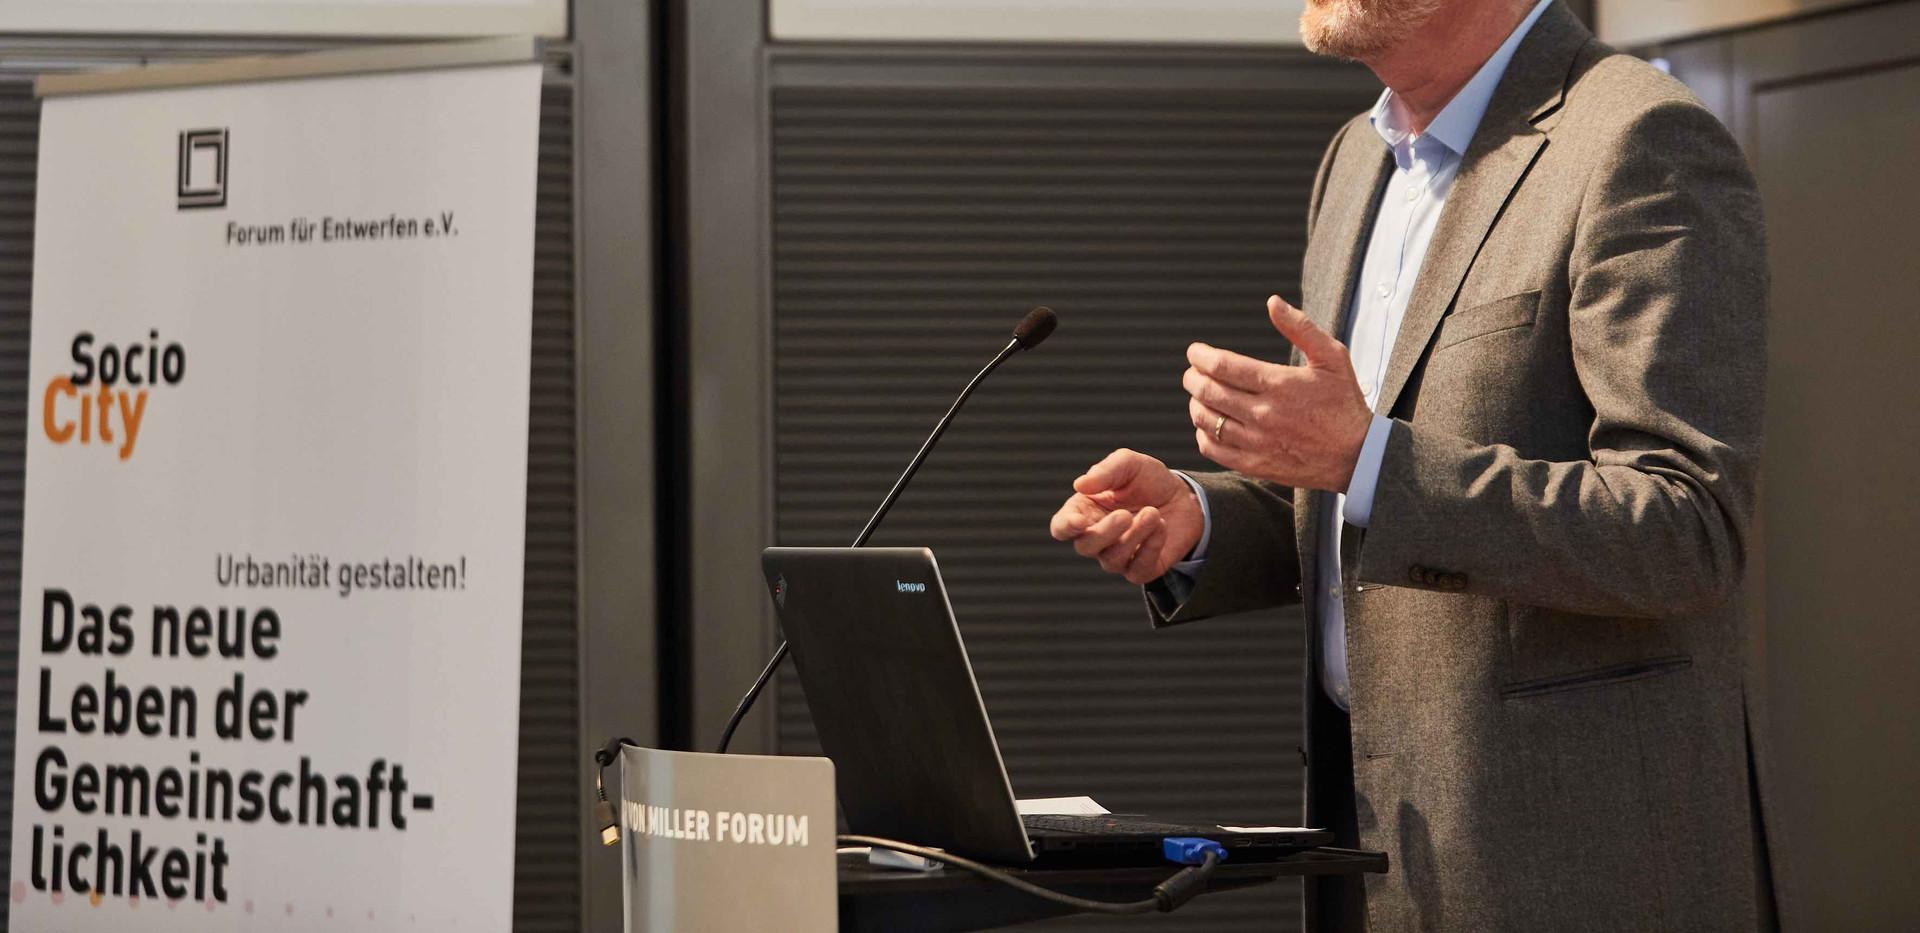 Dipl. Ing. Aleander Grünenwald, Geschäftsführender Gesellschafter Grünenwald + Heyl. Architekten